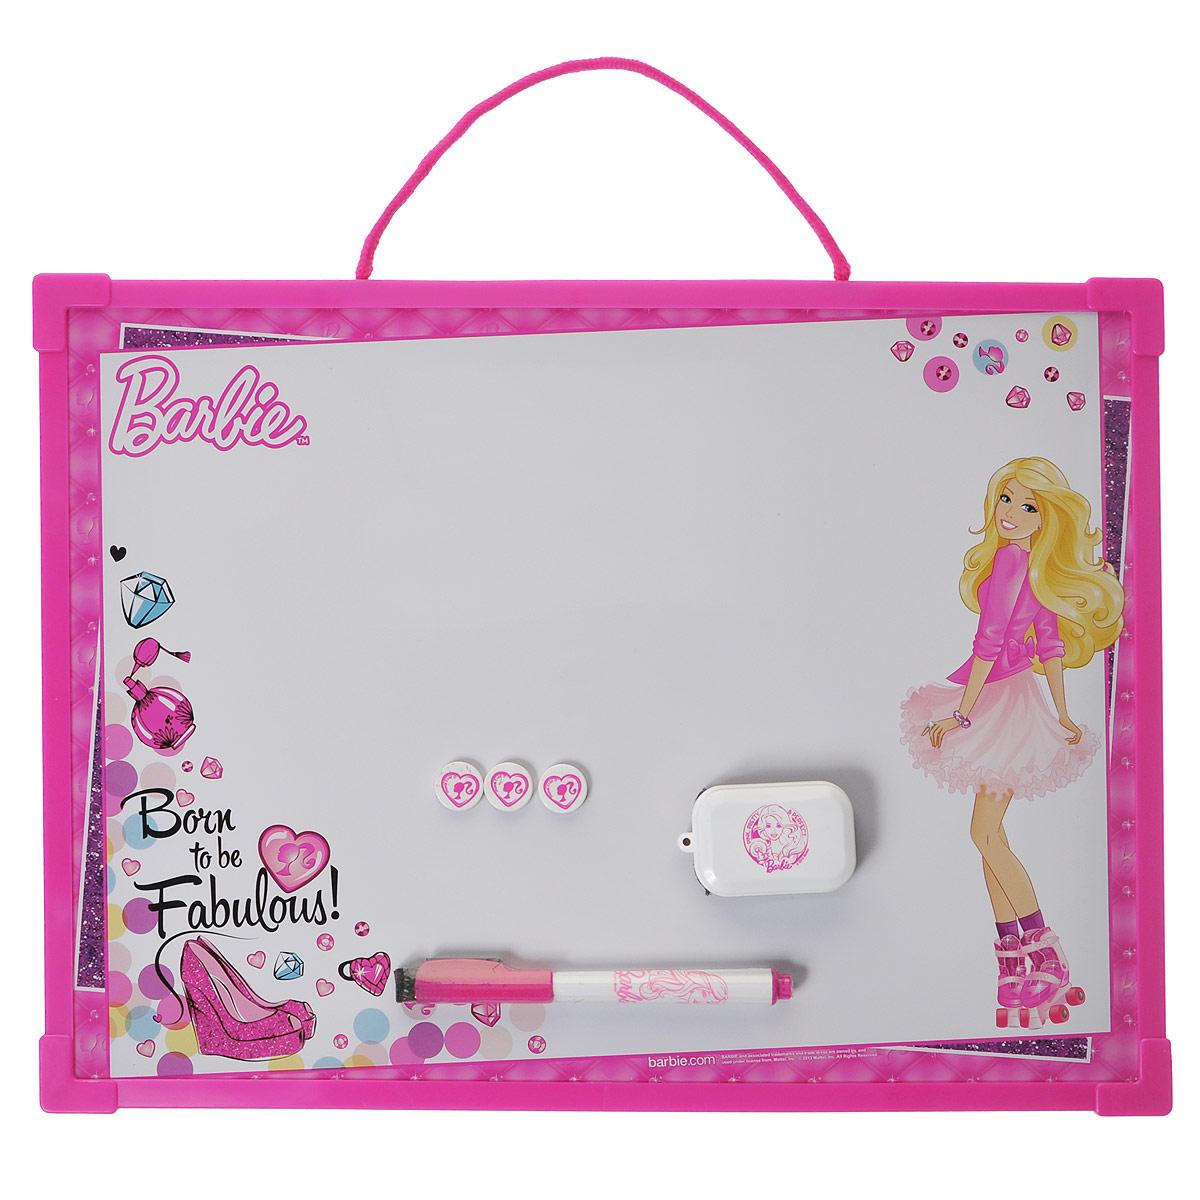 Доска магнитно-маркерная Barbie, цвет: ярко-розовый, белый, с аксессуарамиBRBB-US1-Z150098Магнитно-маркерная доска Barbie - прекрасный способ для развития творческих и мыслительных способностей ребенка. Края доски обрамлены пластиком, который защищает ее от повреждений. В комплекте с доской предусмотрены специальный маркер с колпачком-стеркой из фетра, три круглых магнита и специальная губка для стирания записей и рисунков. Доска оформлена изображением Барби и имеет удобную веревочную петлю для подвешивания. Чернила маркера безопасные и нетоксичные. Магнитно-маркерная доска Barbie отлично подойдет для игр и учебы.